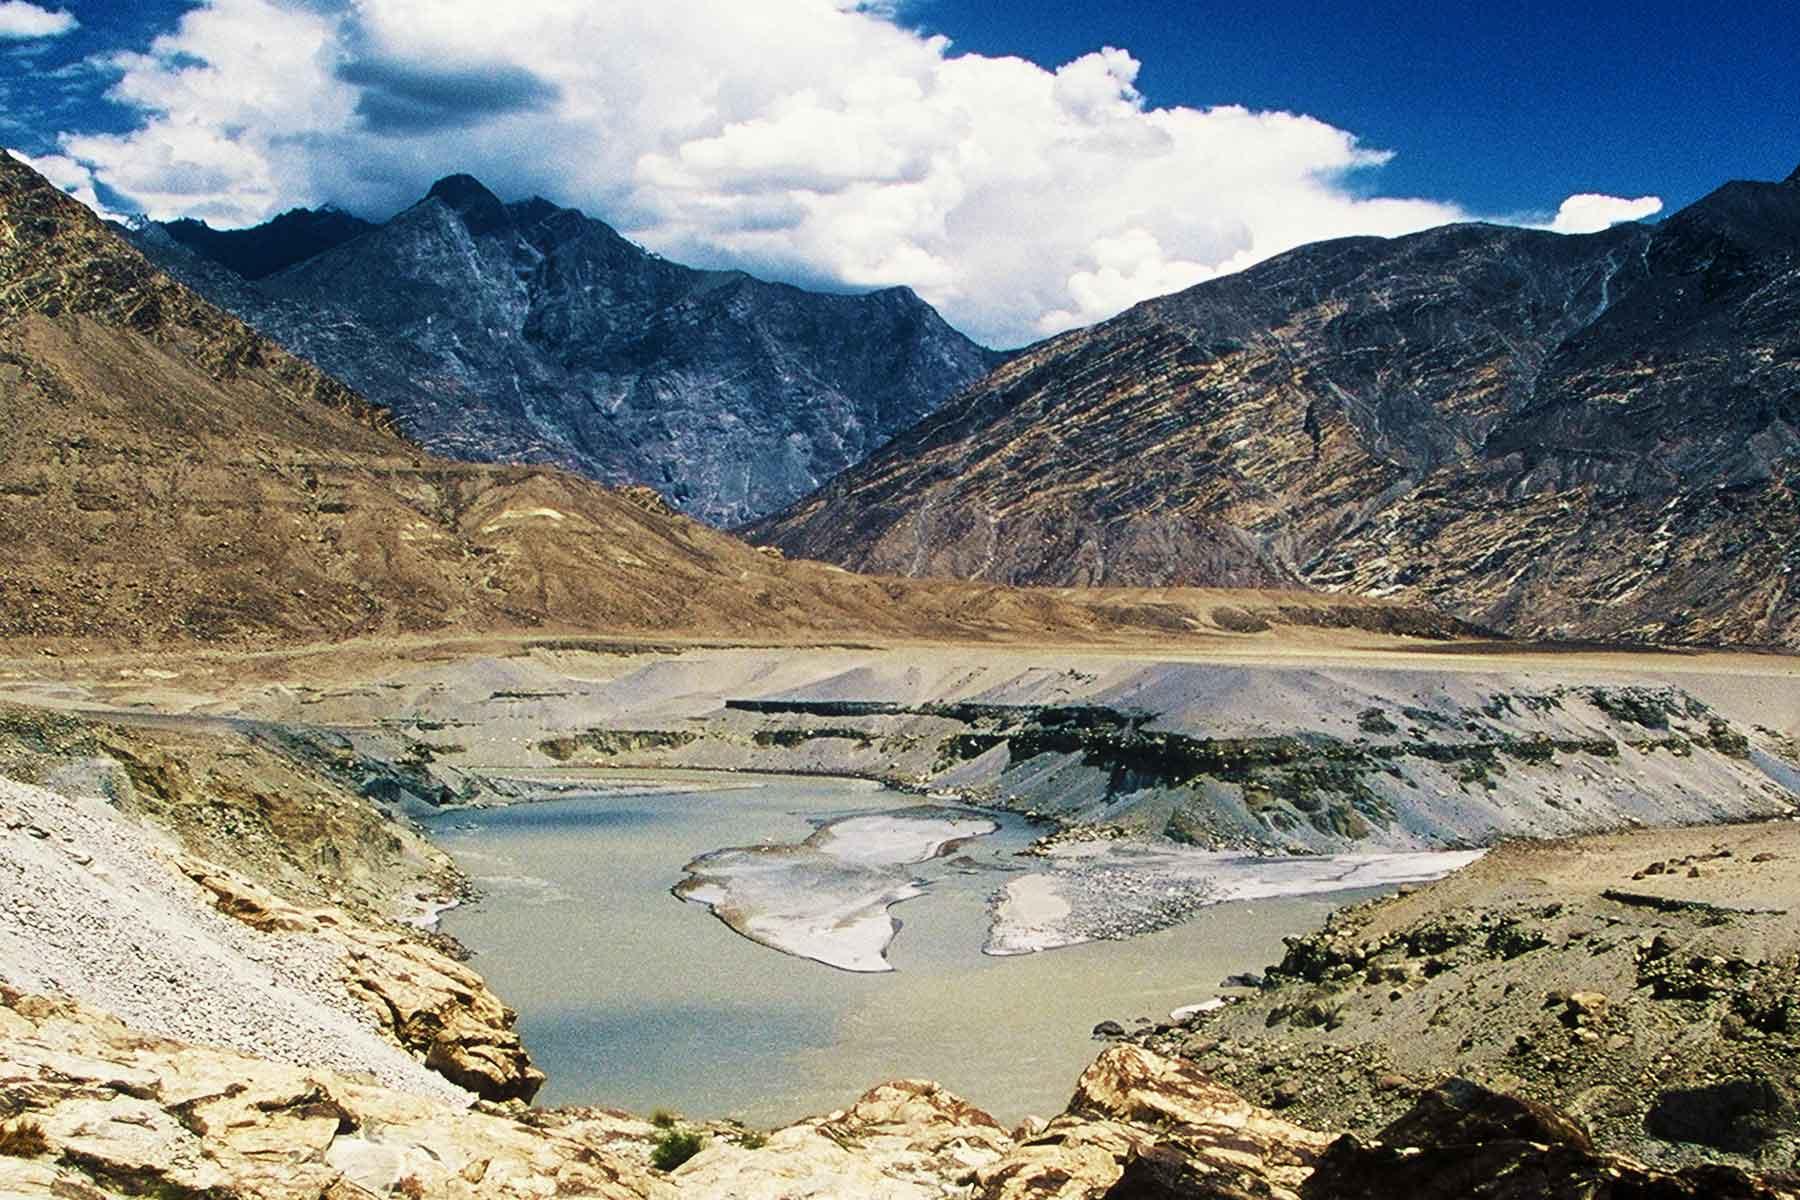 World's 3 Highest Mountain Ranges - Pakistan - Karakoram Highway - Steven Andrew Martin Photo Journal